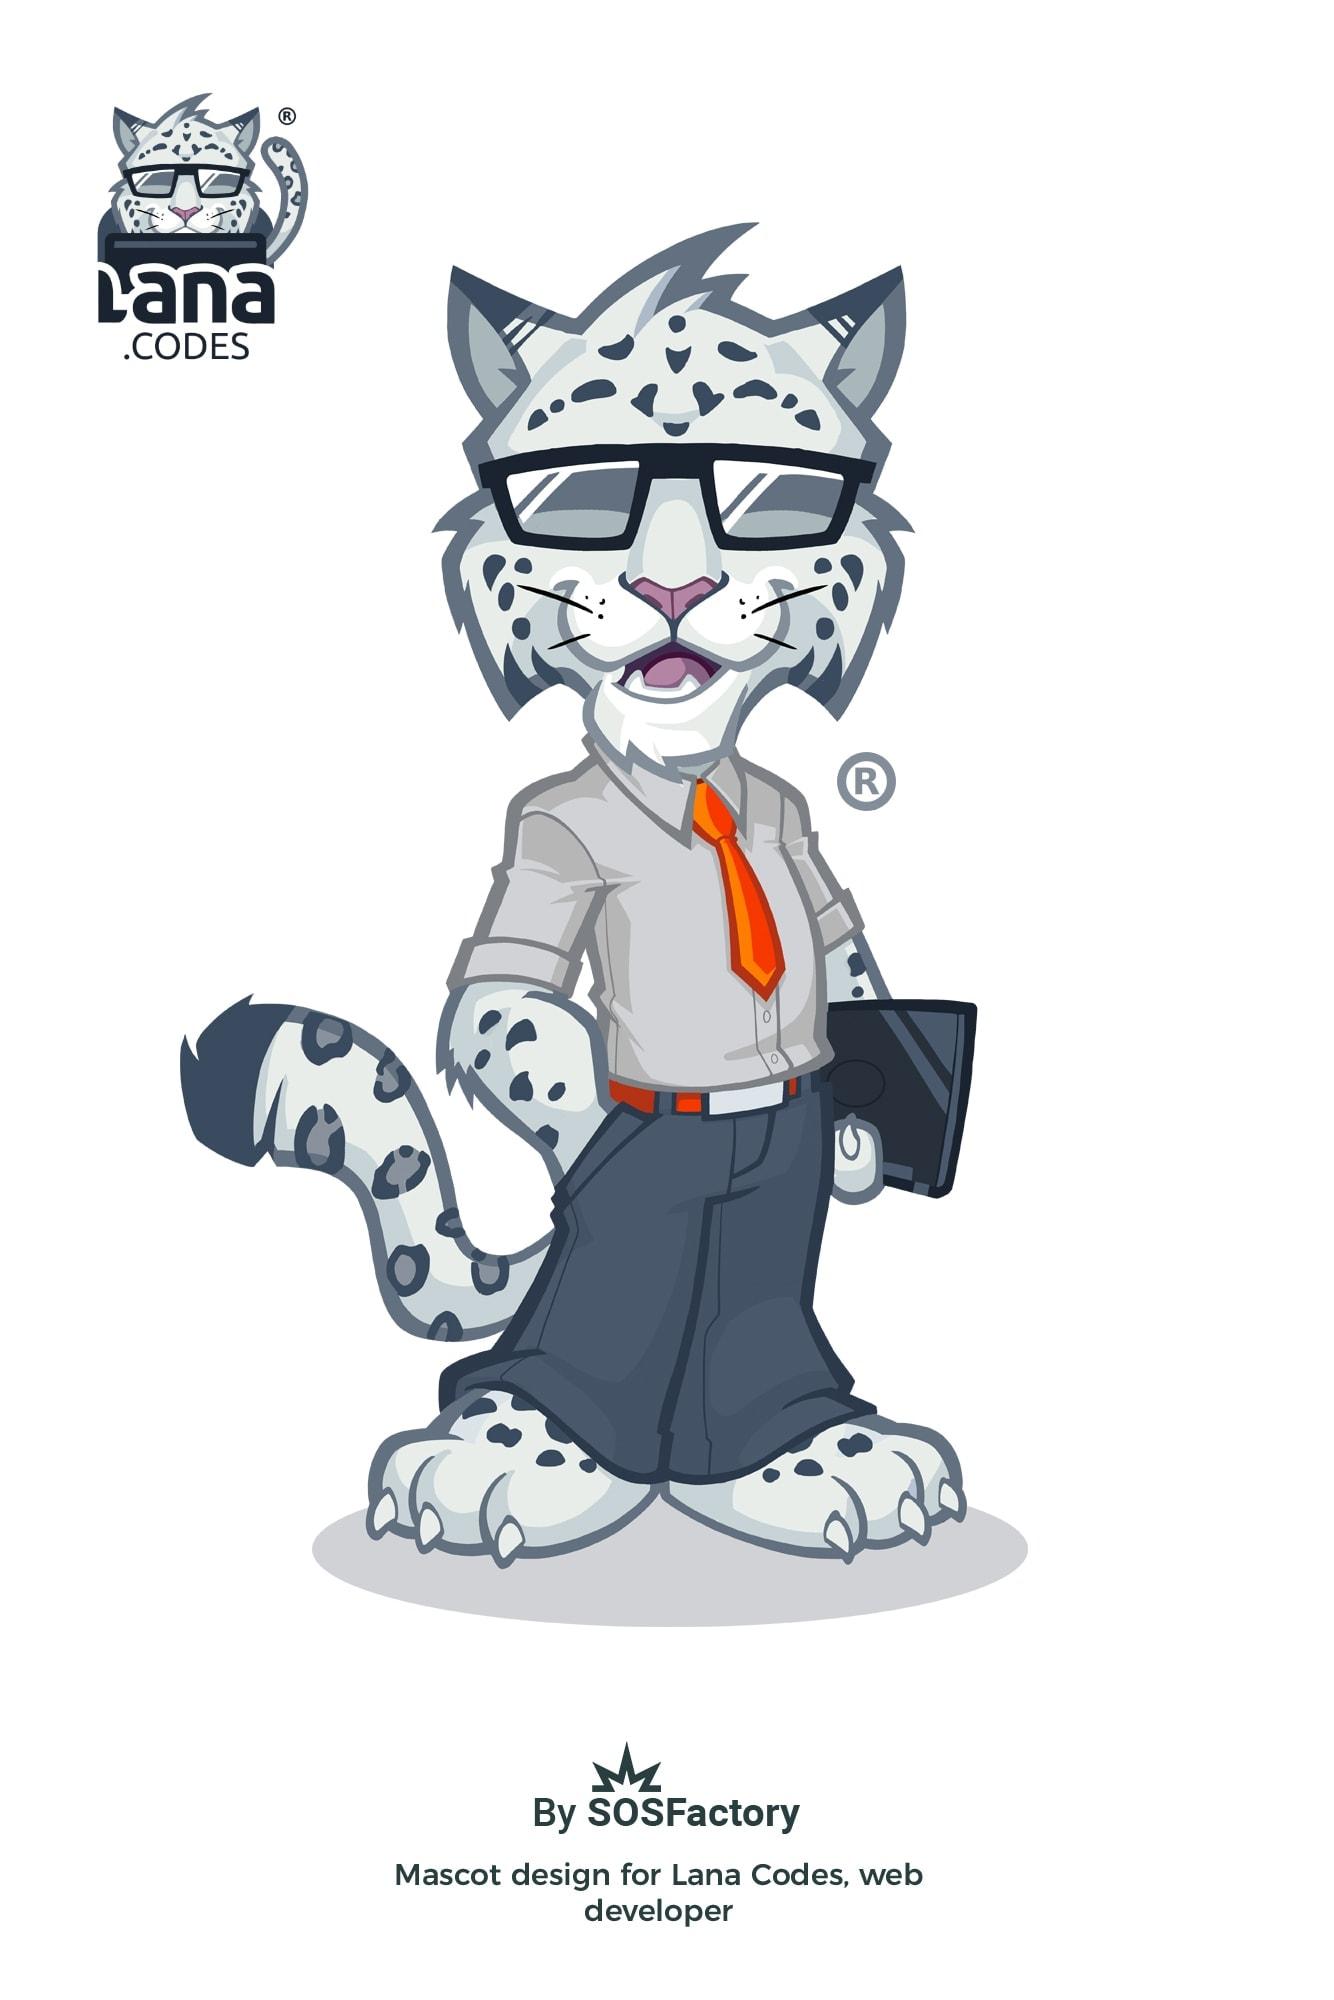 White tiger mascot design for Lana Codes